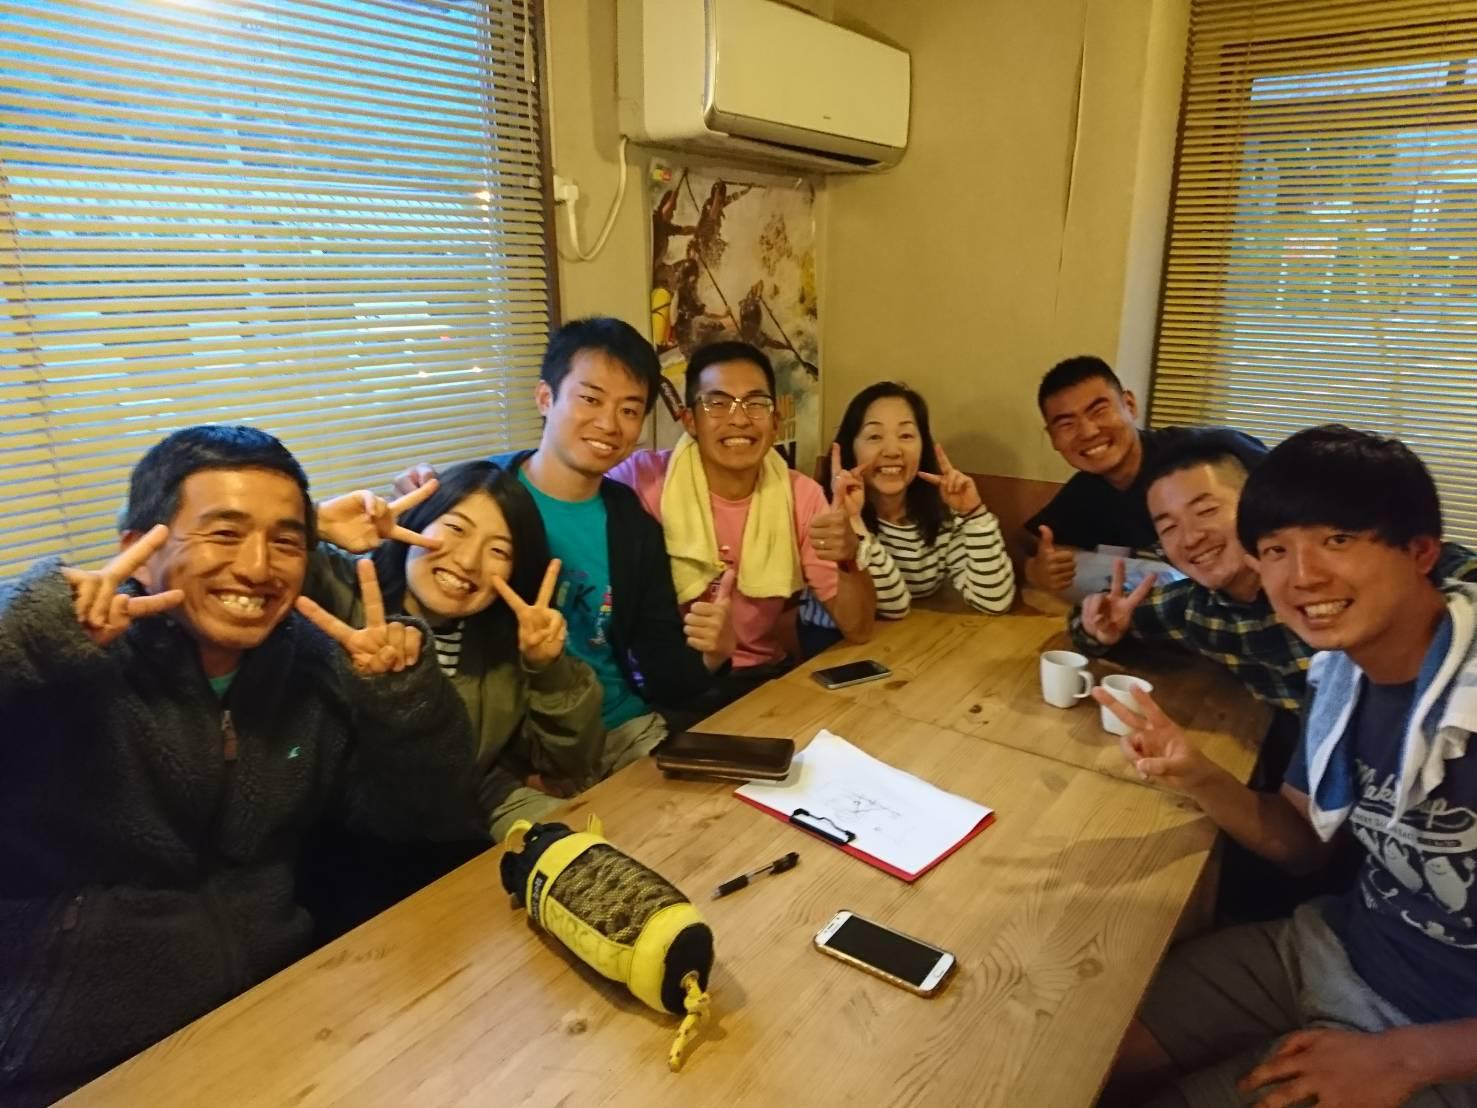 6月30日(土)夏前ラストのカヌー体験会&SUP体験会を開催します!!